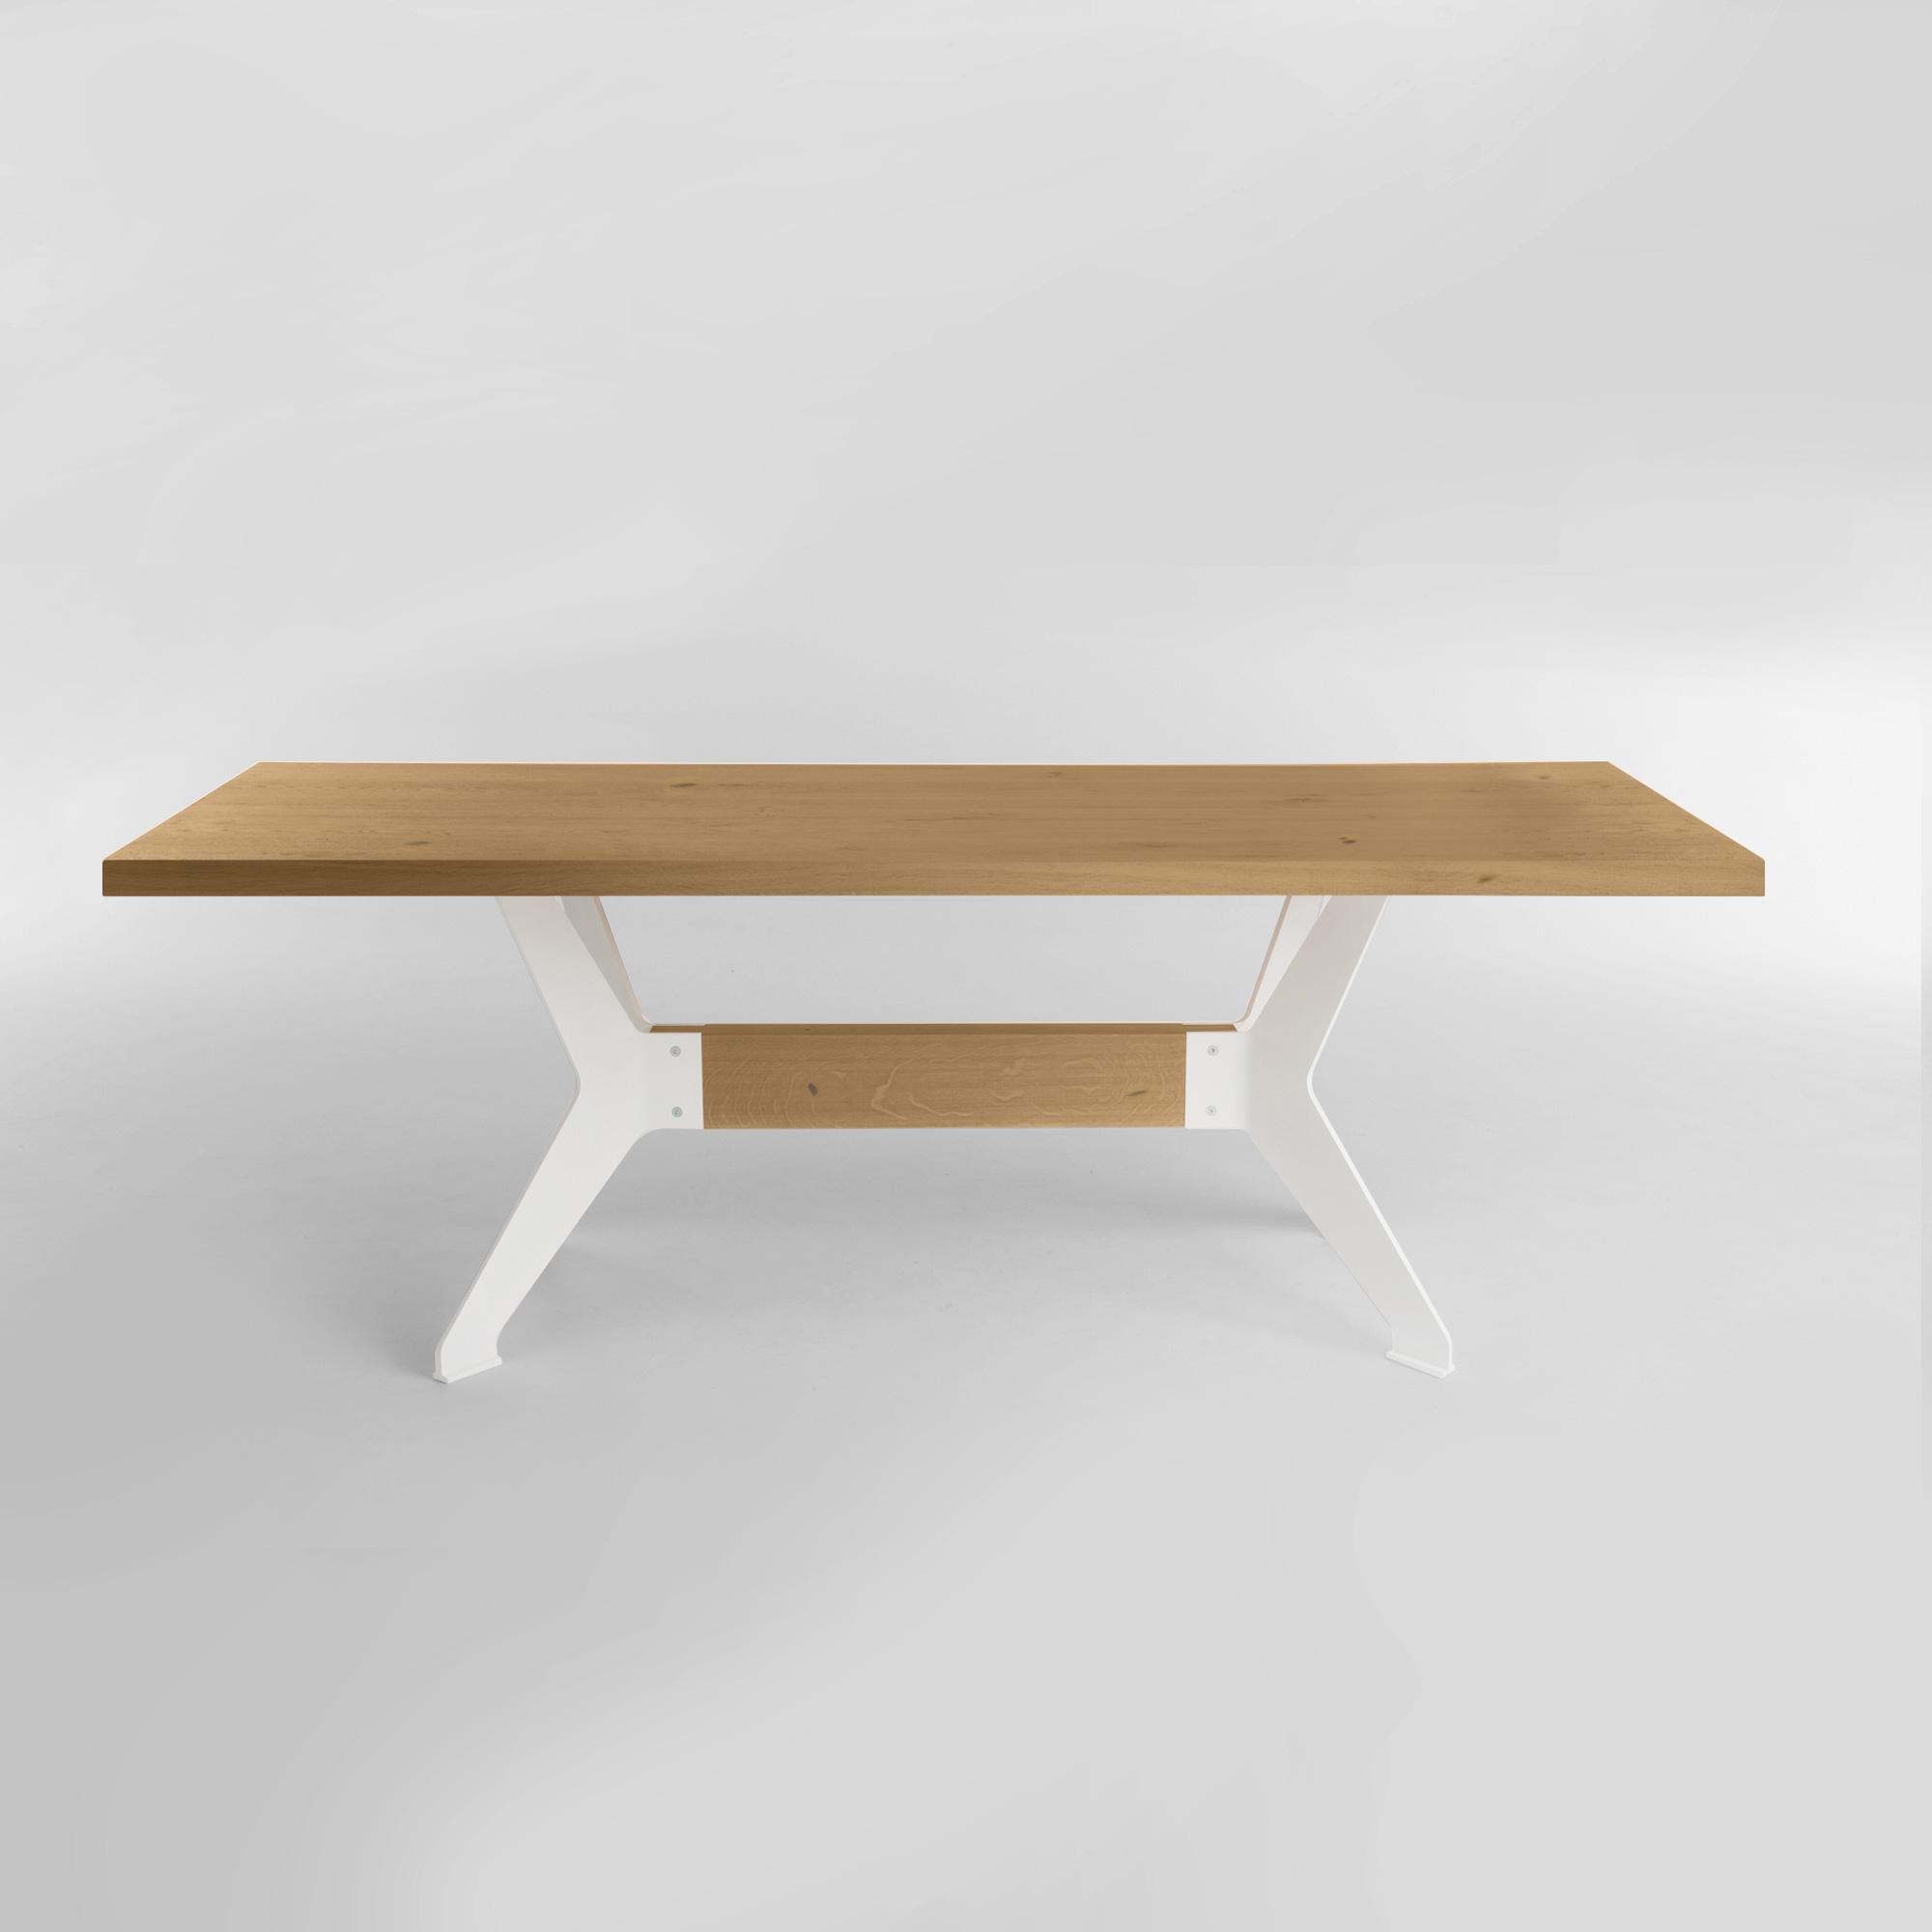 bert plantagie bixx tisch naturkante bixx 4cm 200 100 9010 eiche astig reuter onlineshop. Black Bedroom Furniture Sets. Home Design Ideas